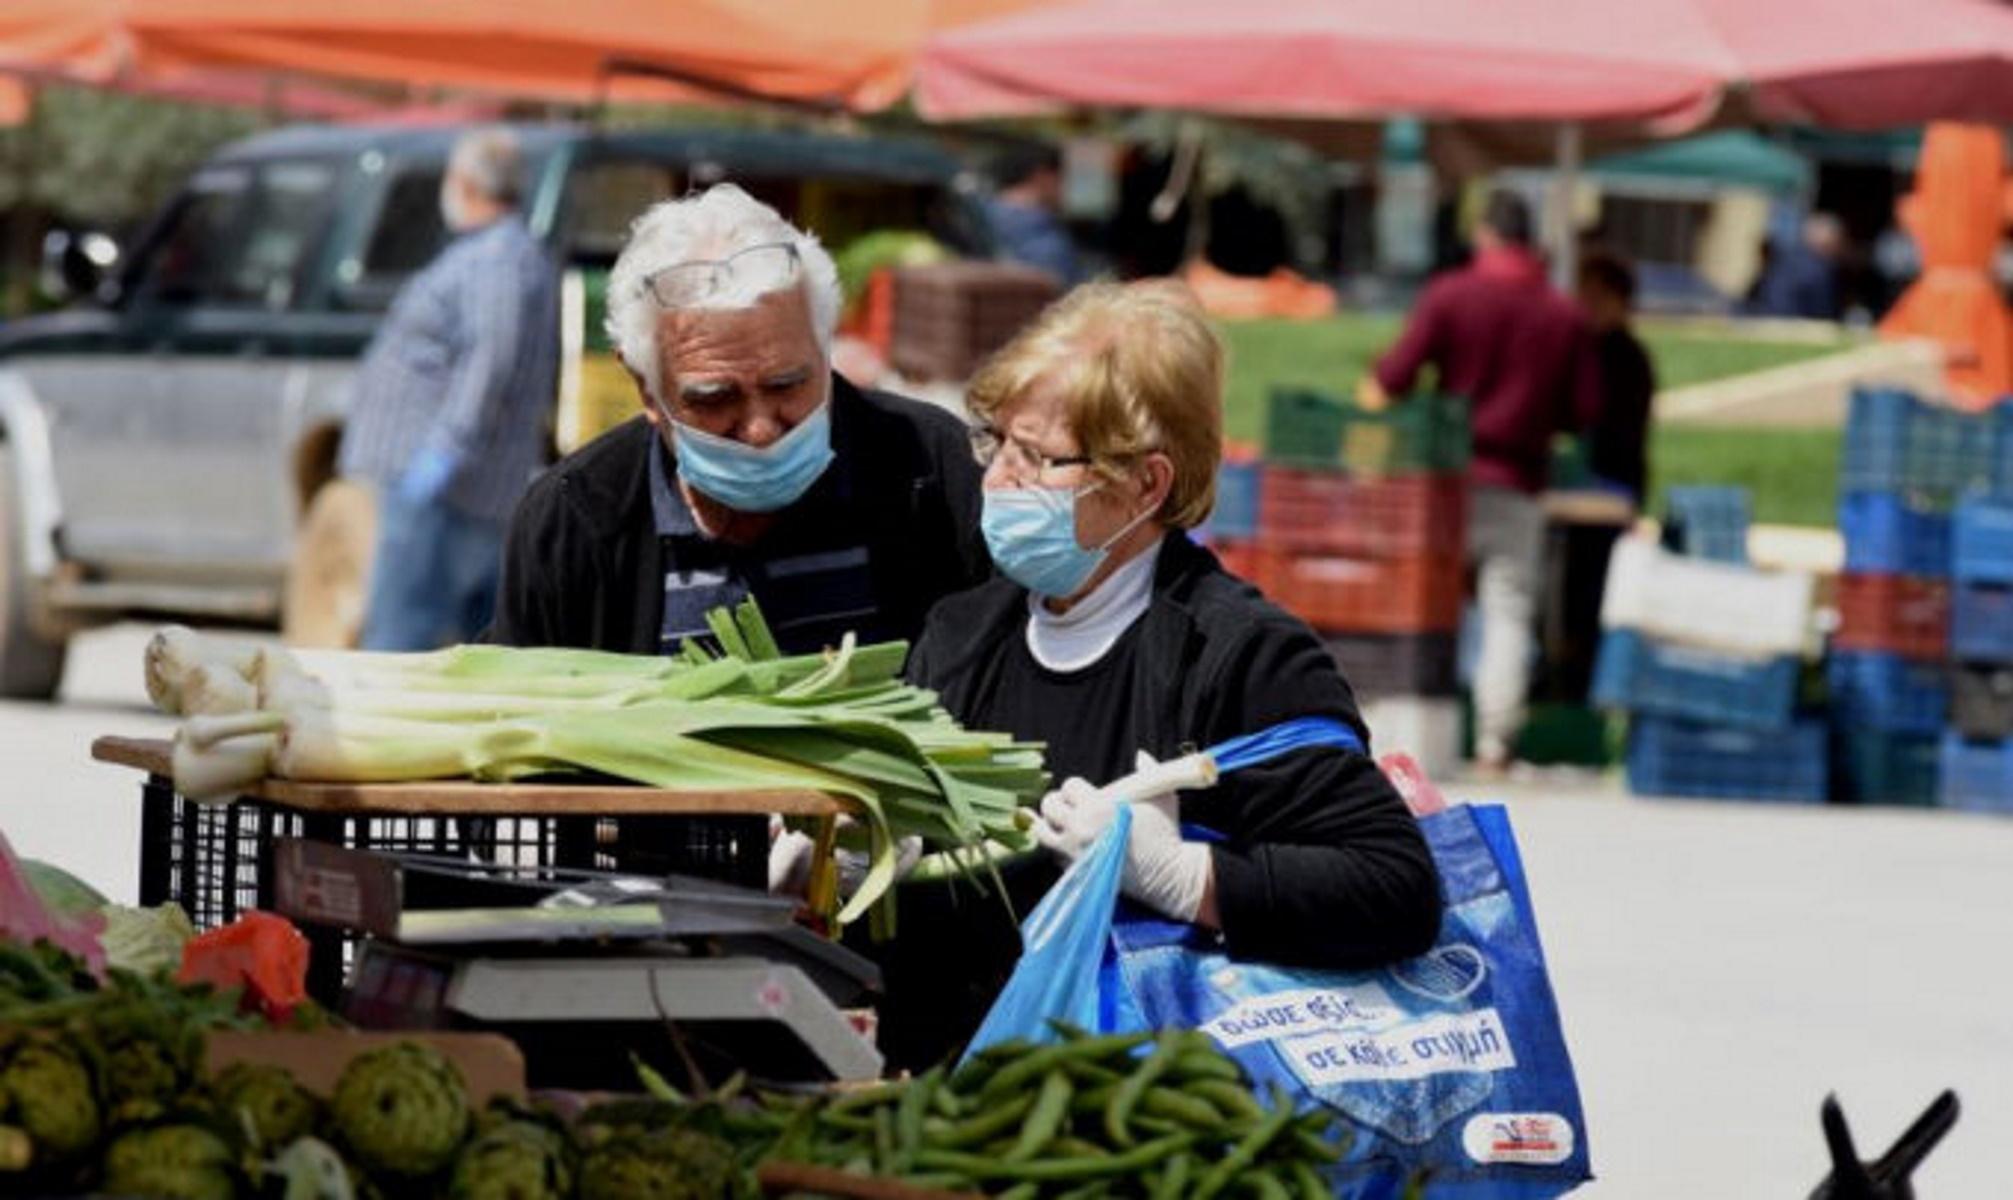 Κεντρική Μακεδονία - κορονοϊός: 50.000 ιατρικές μάσκες στις λαϊκές αγορές